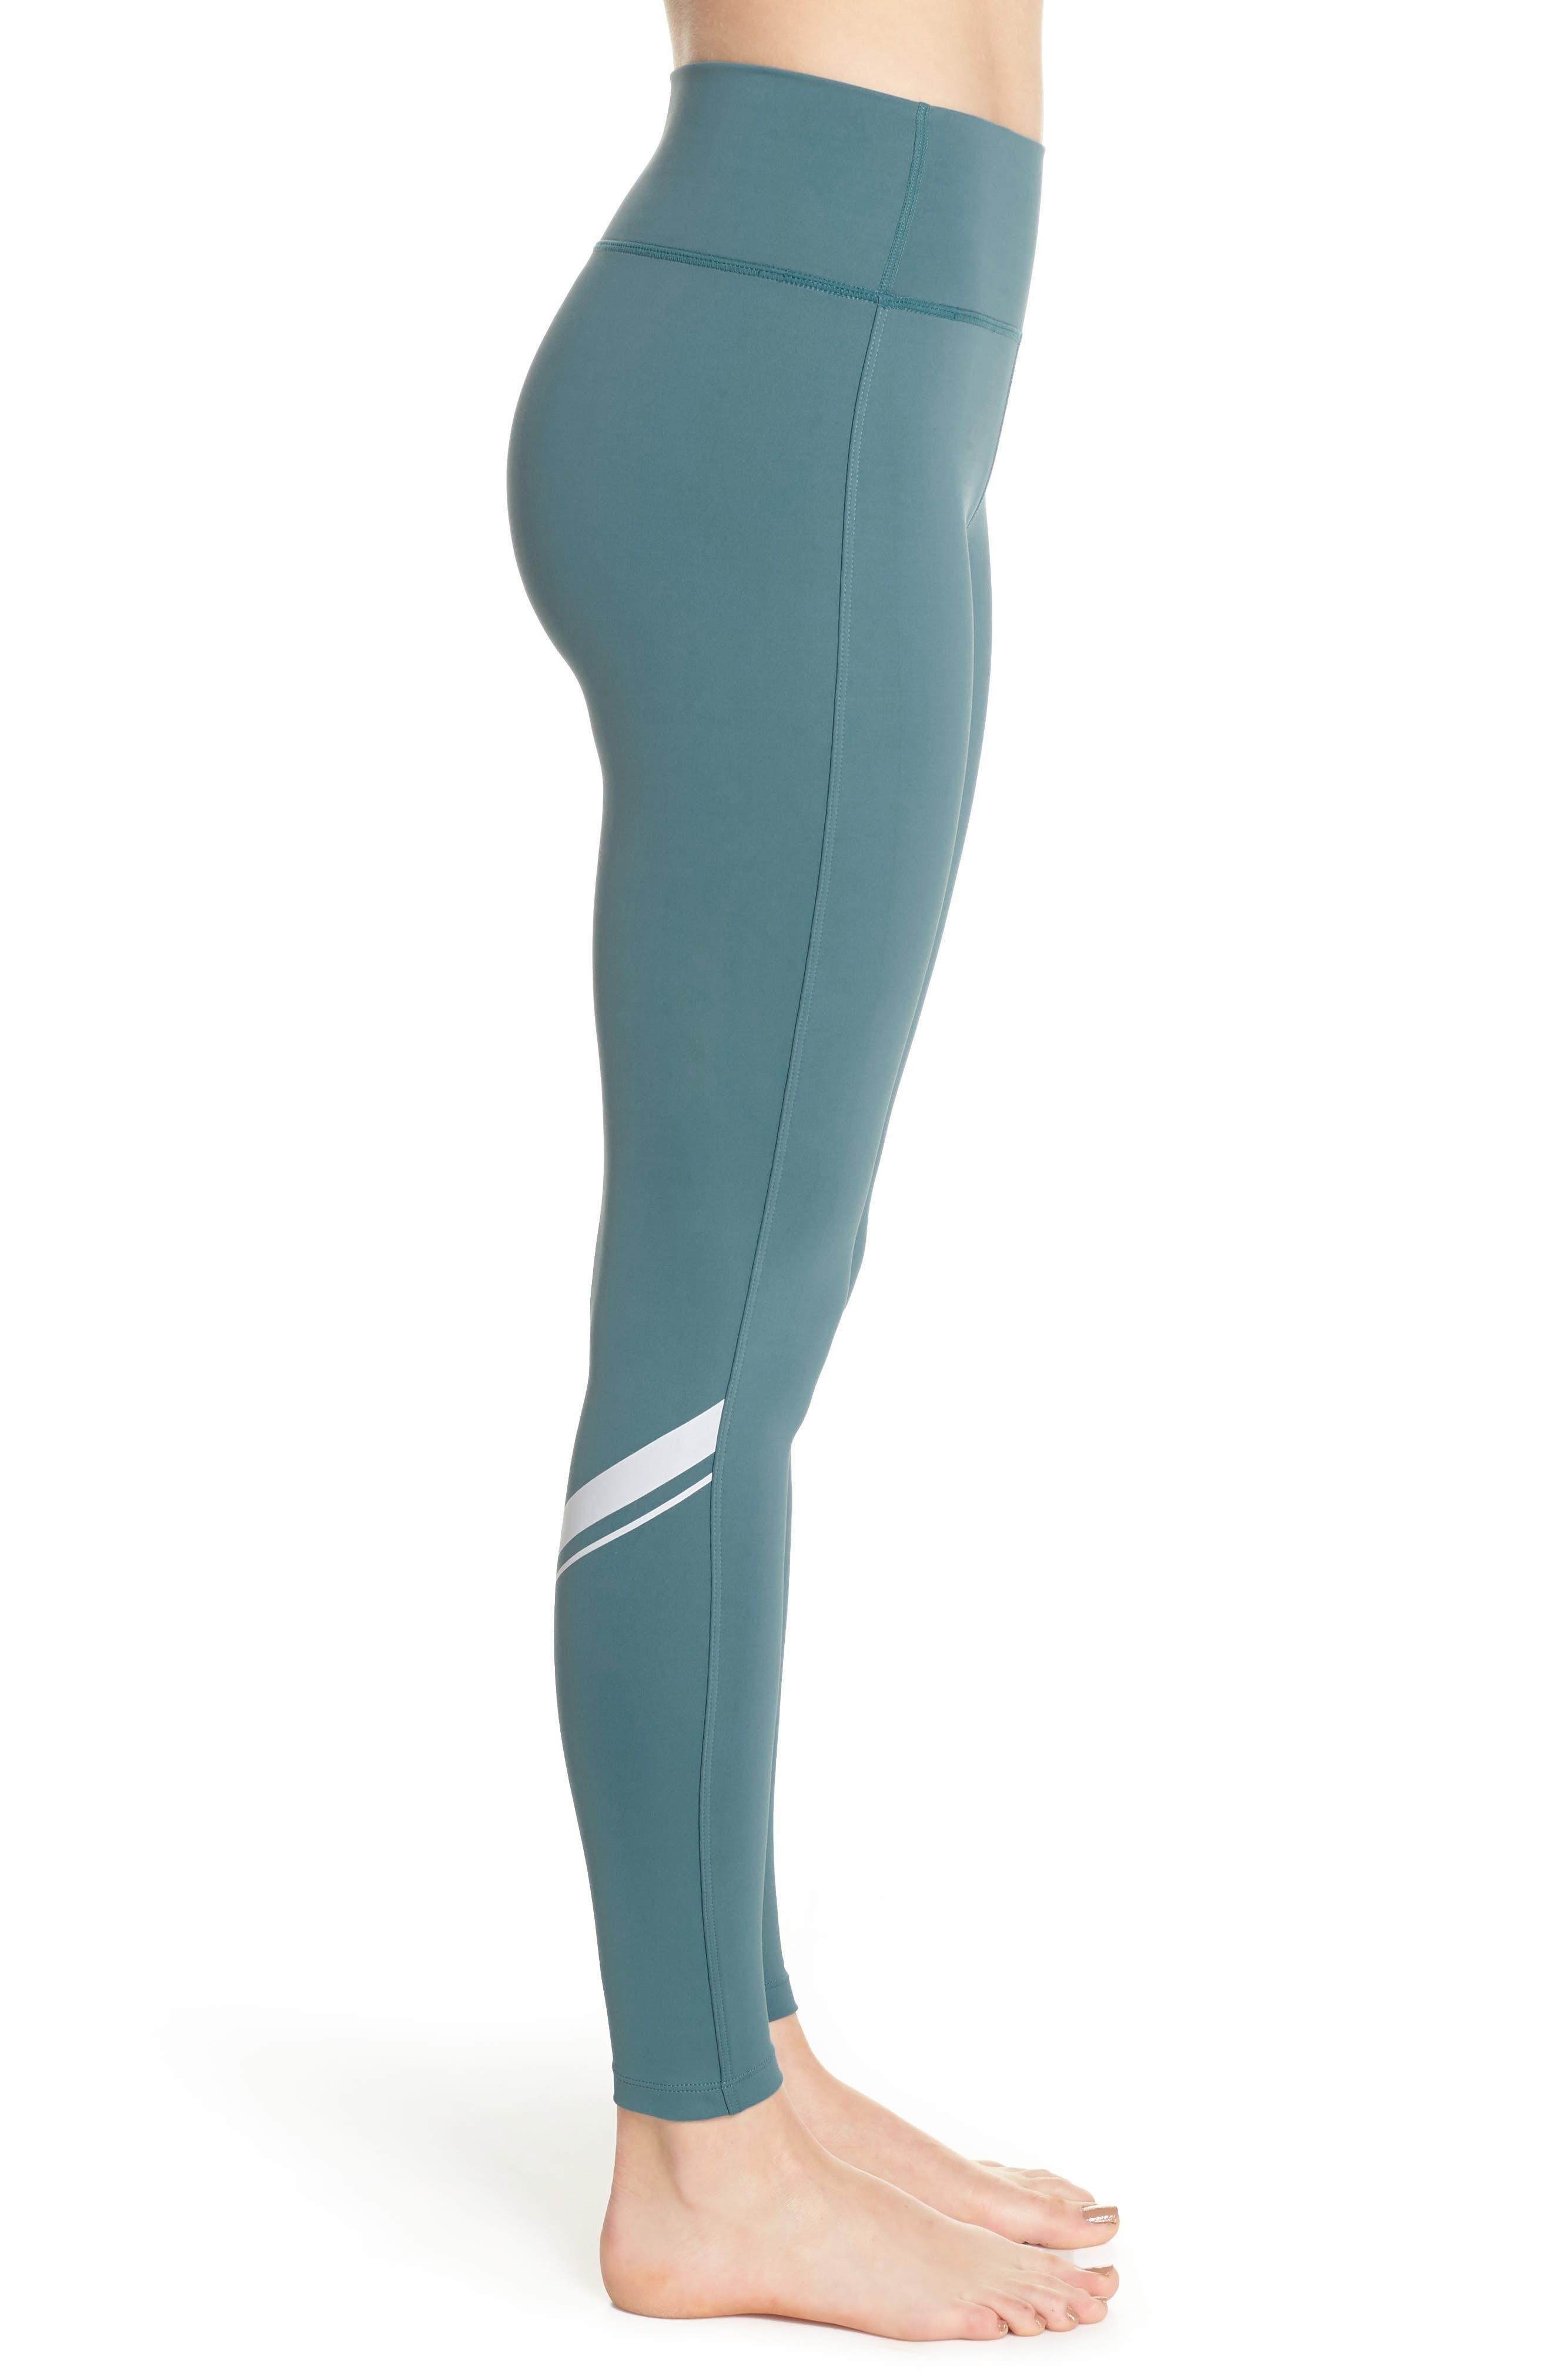 Horizon Ankle Leggings,                             Alternate thumbnail 3, color,                             Blue Surf/ Off White